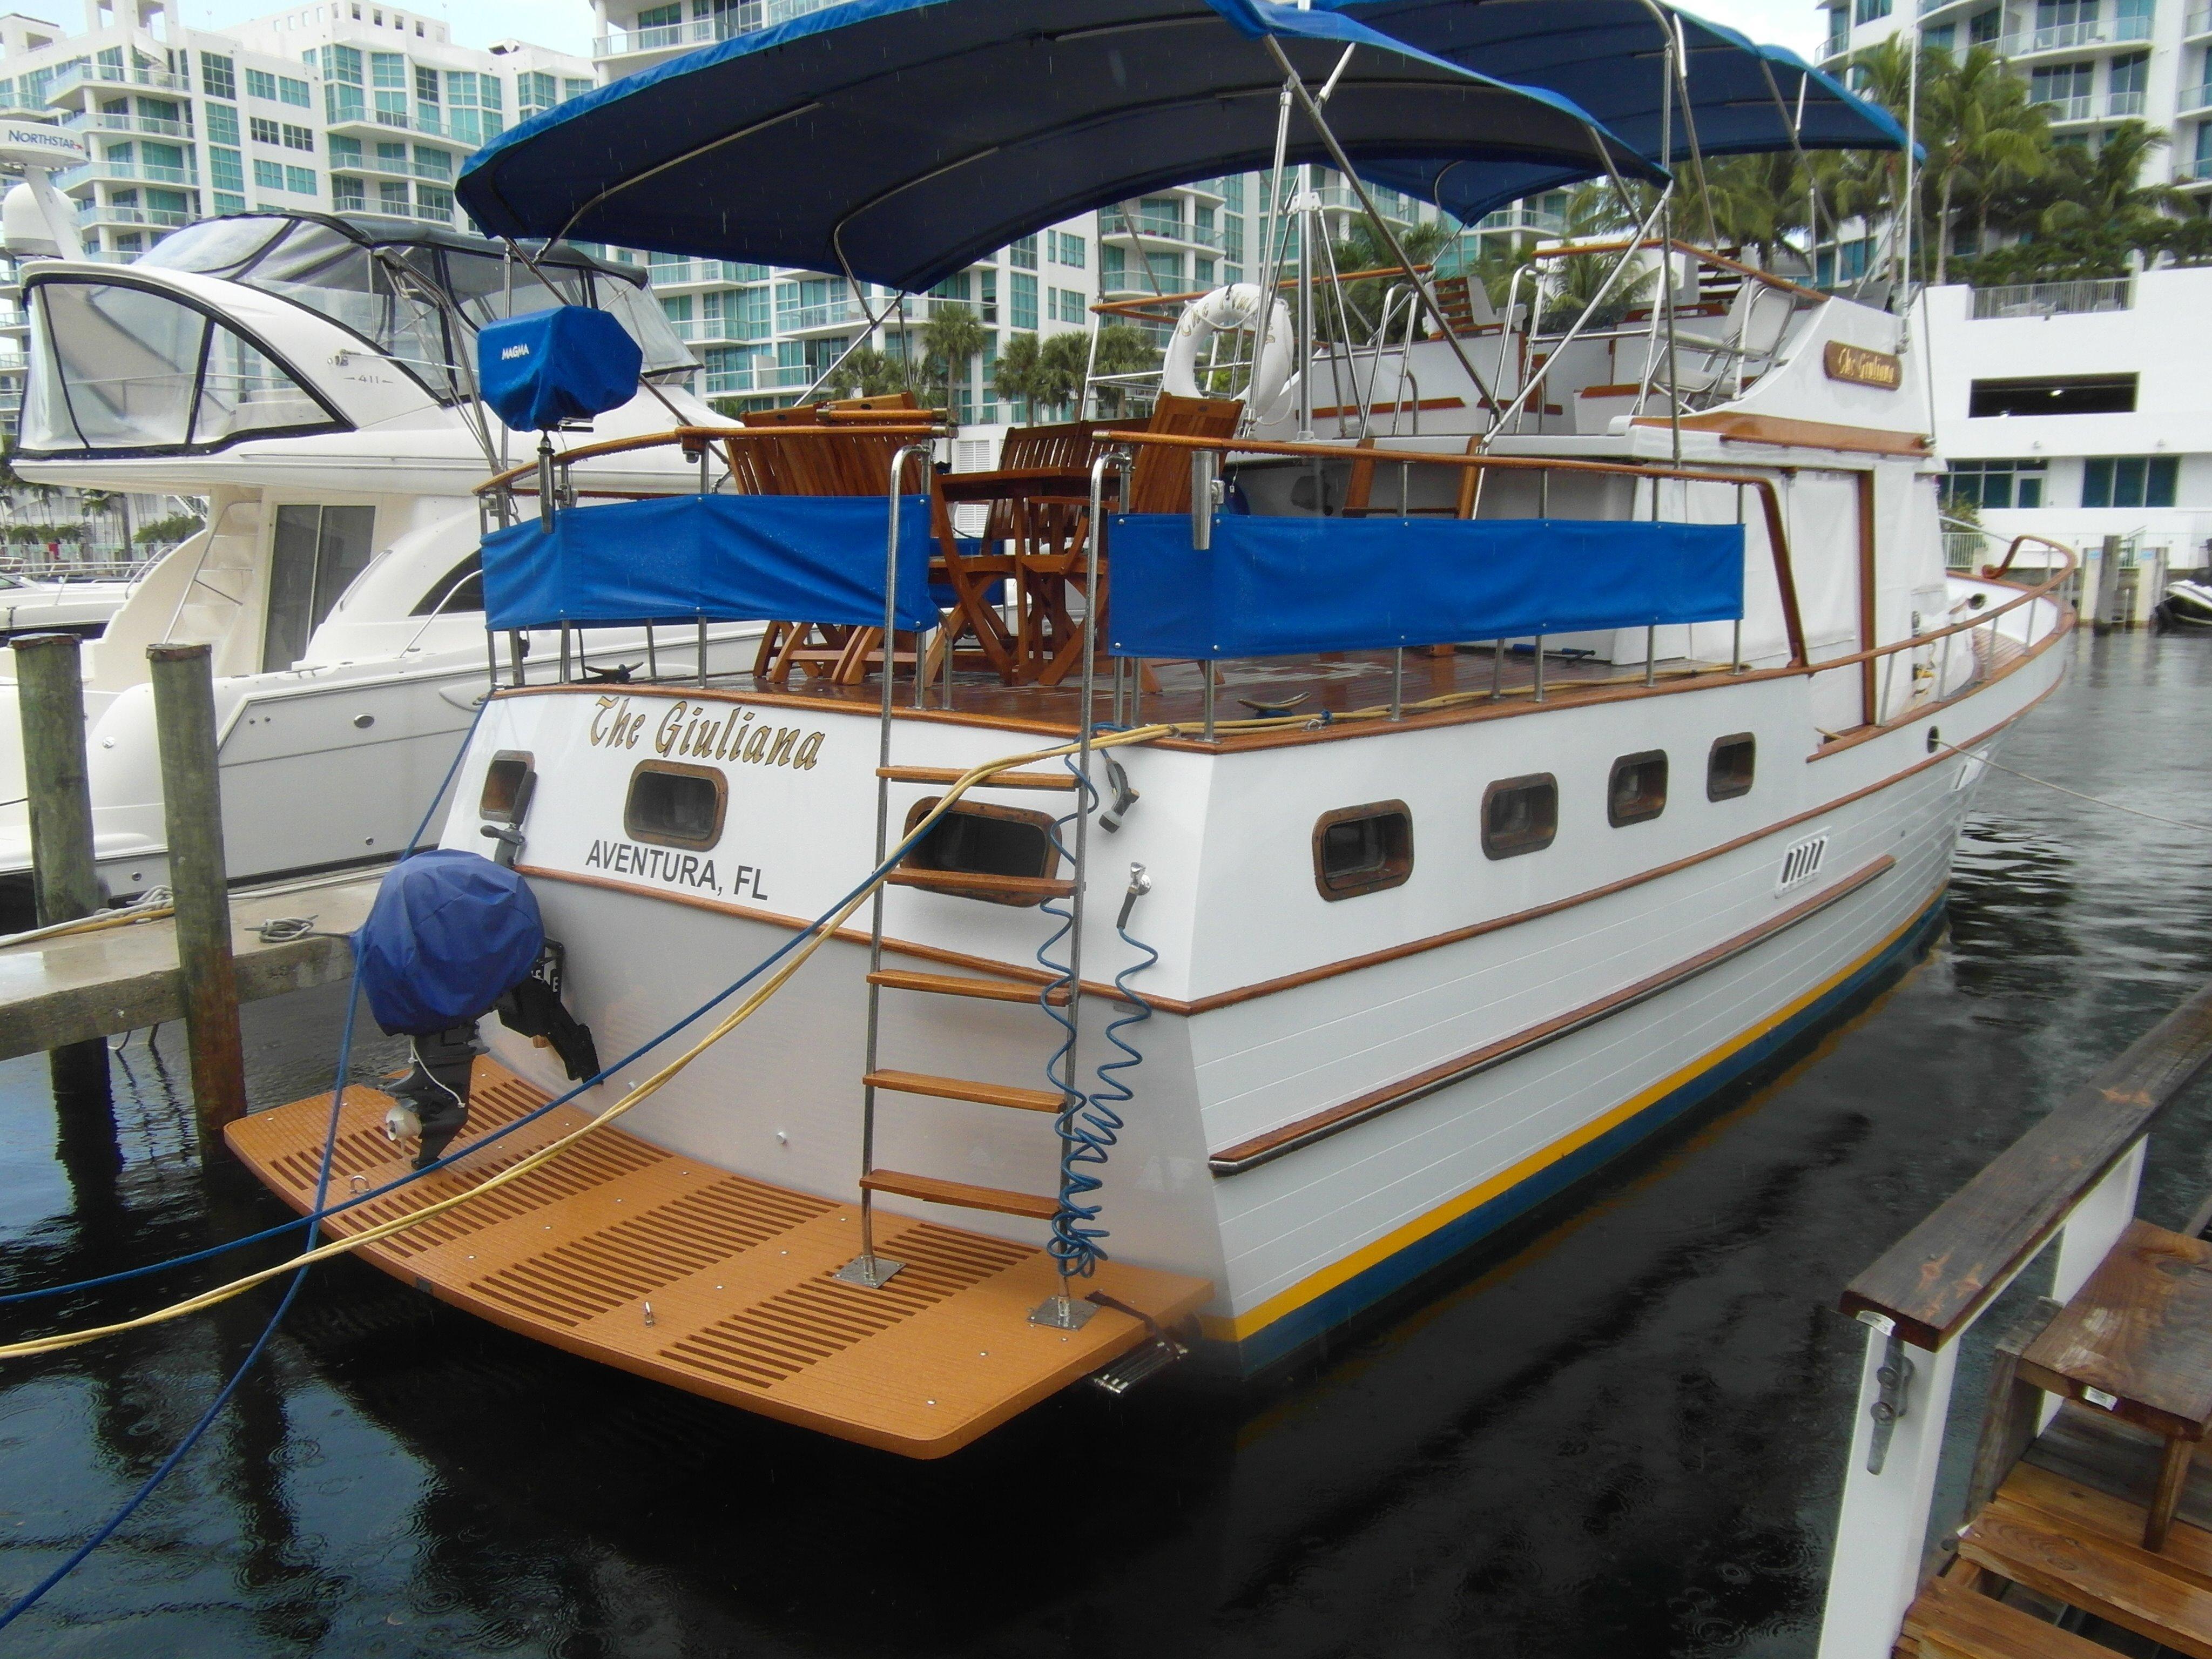 New Swim Platform / Ladder To Sundeck / New Outboard Engine For Tender